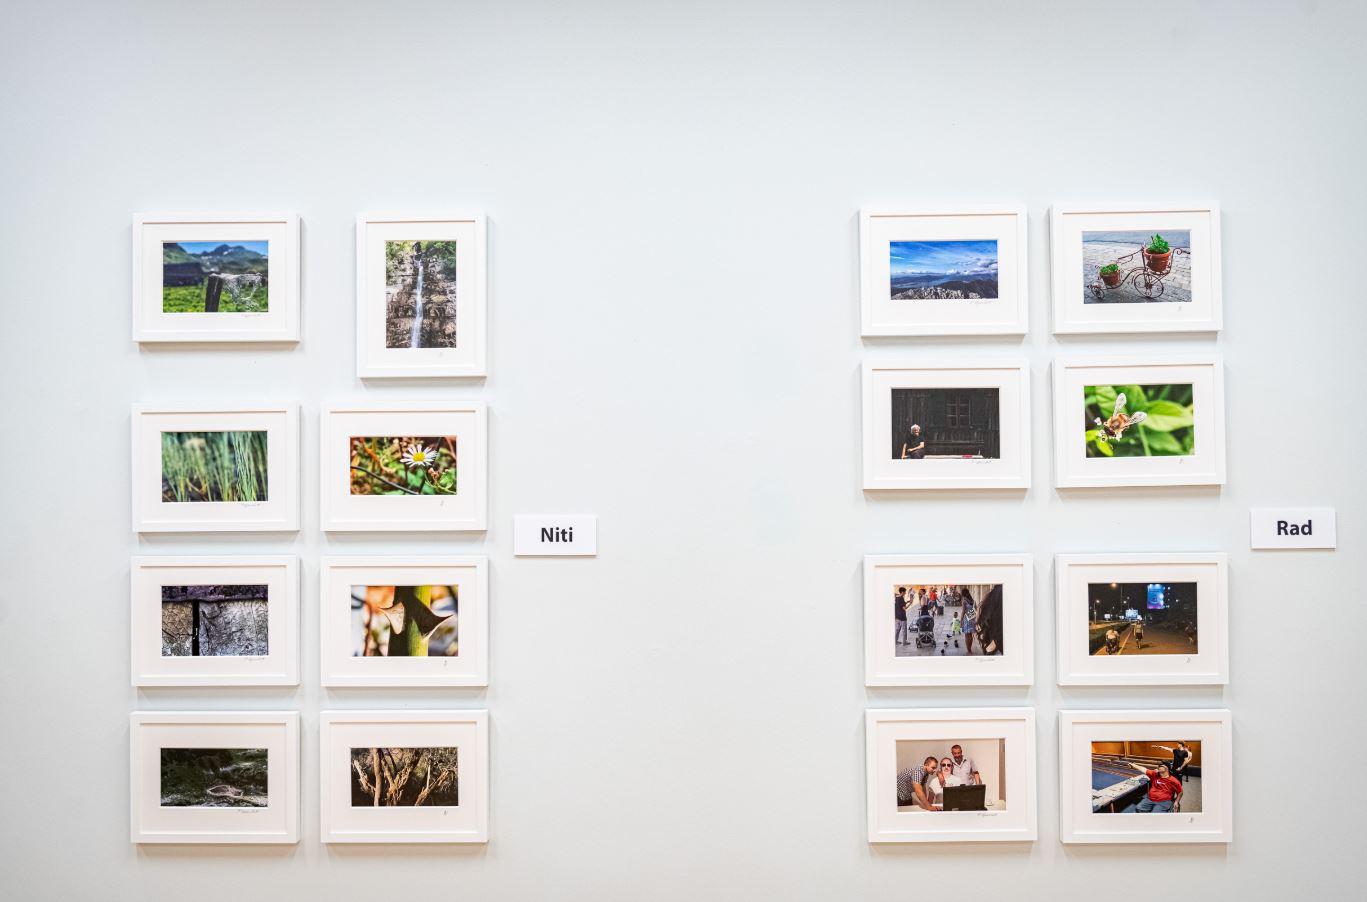 365 dana zajedno: Kroz fotografije u svijet novih i različitih mogućnosti